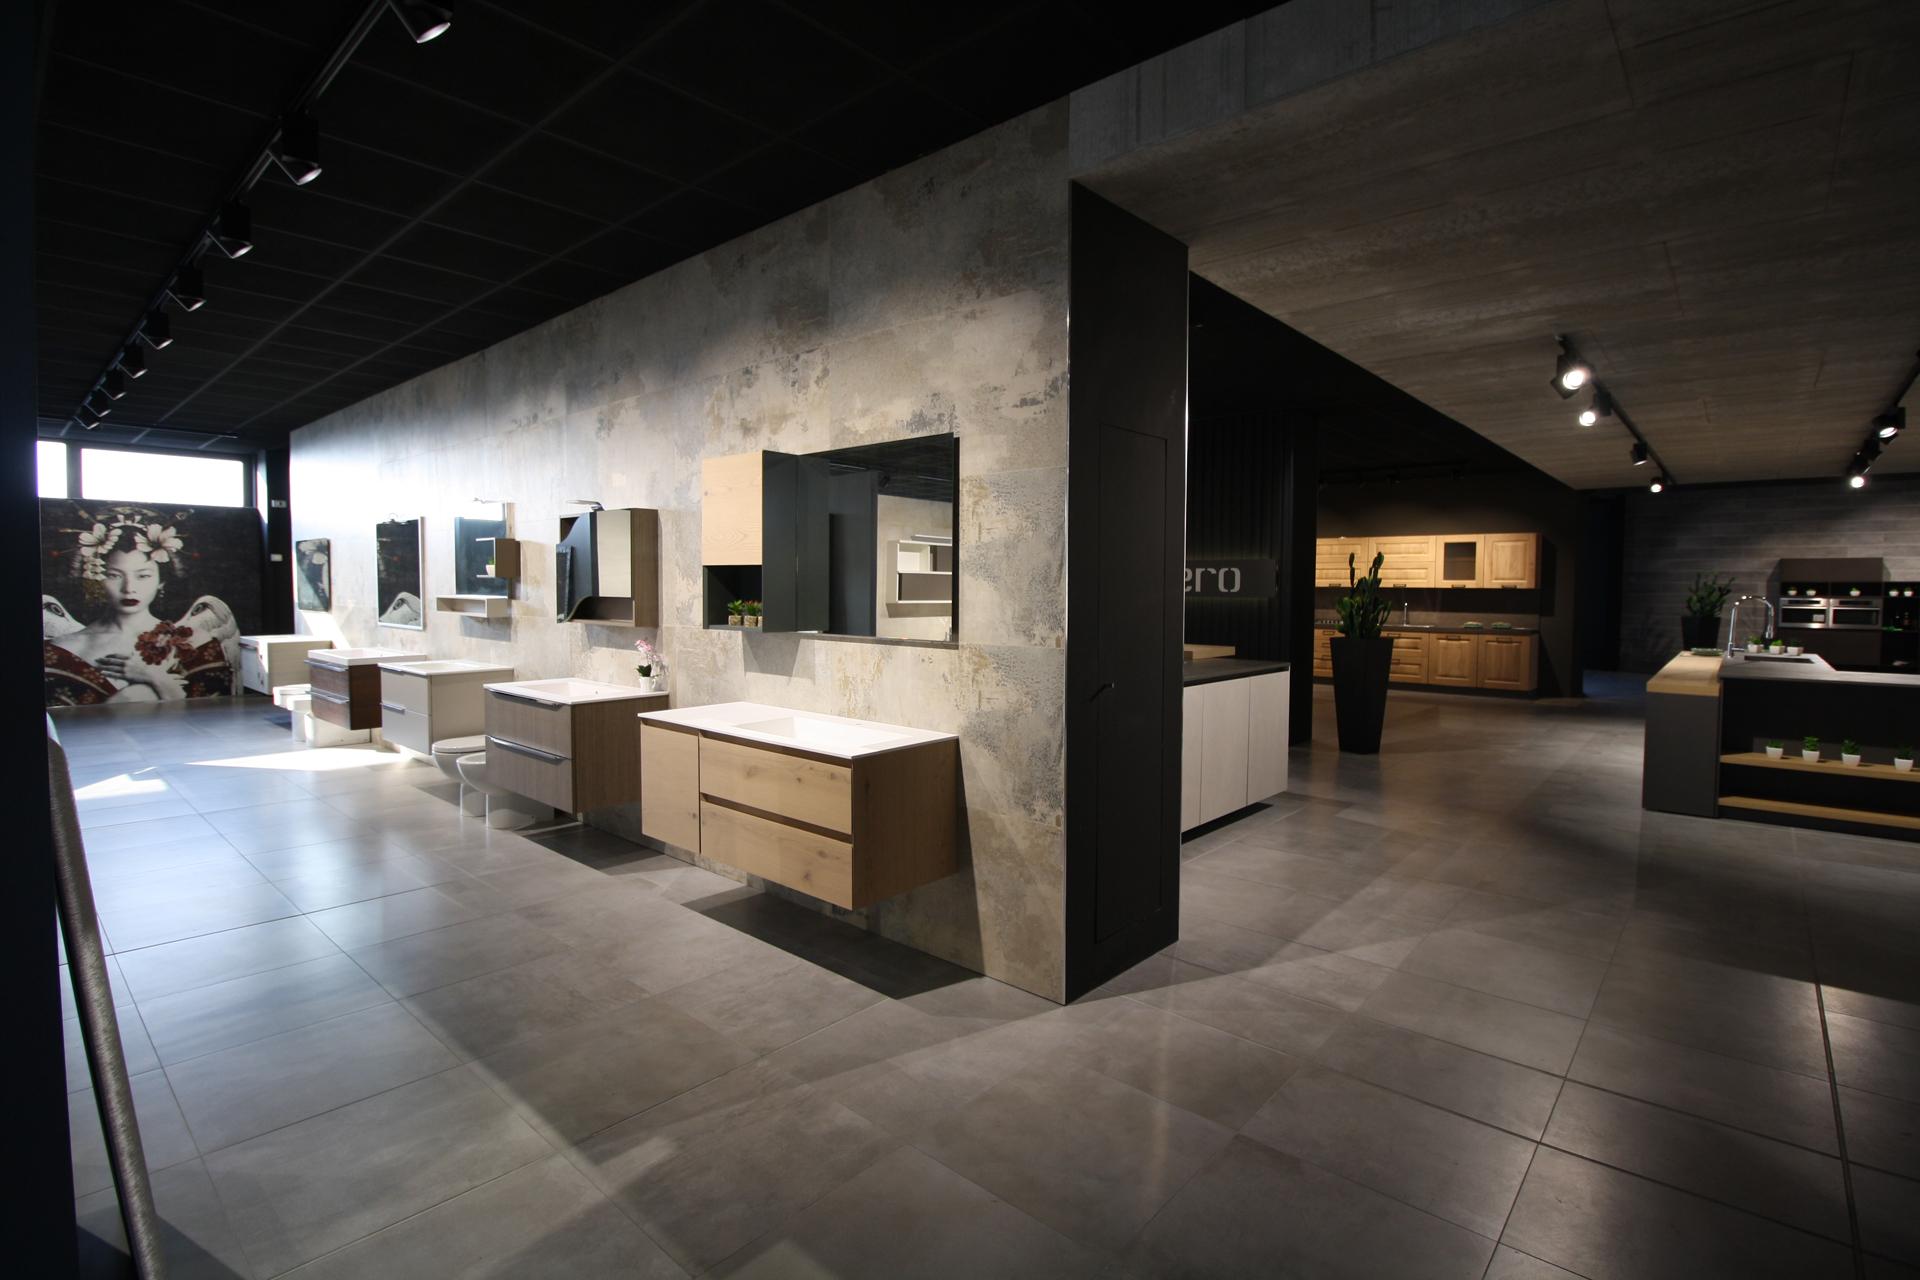 Progettazione interni interior retail design for Nuovo arredo cucine